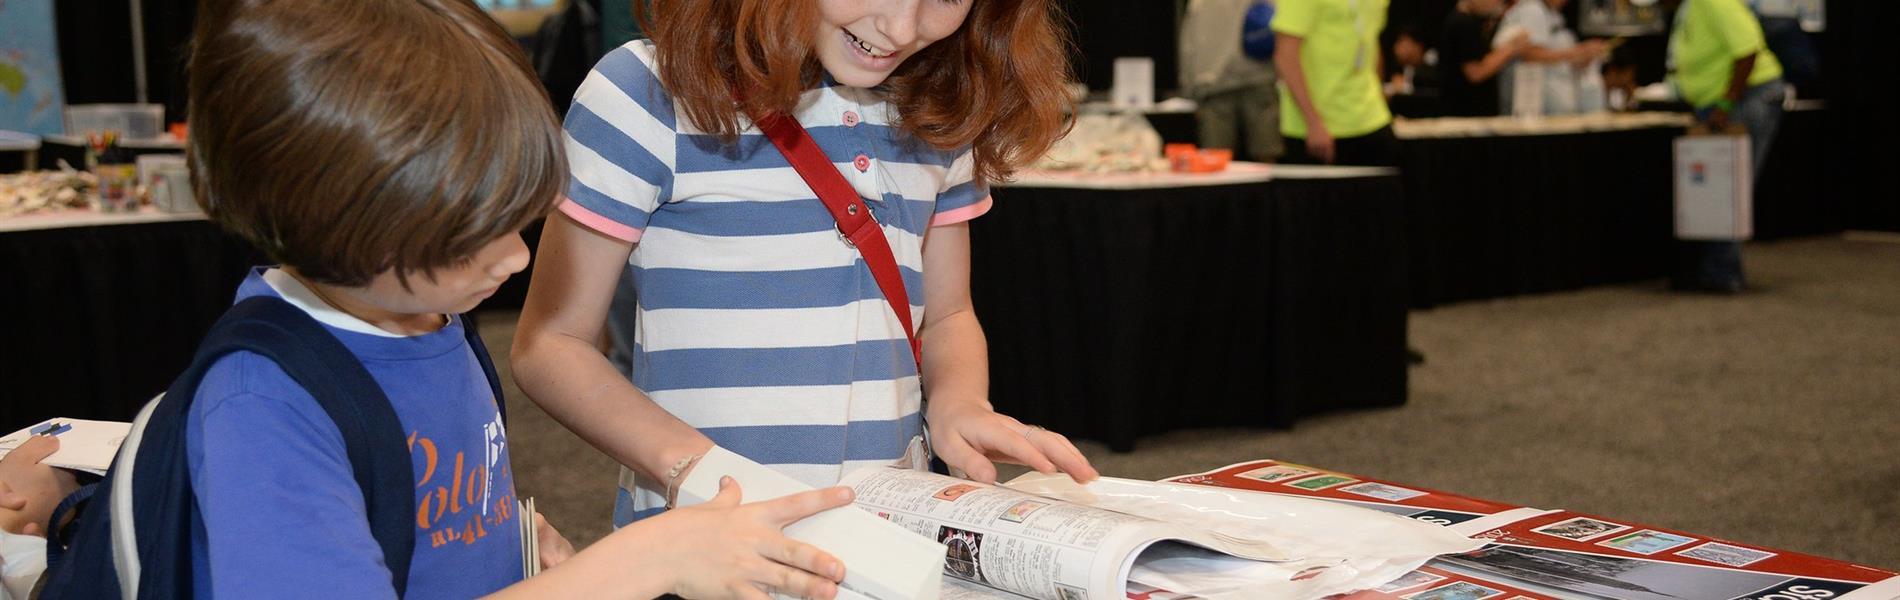 linns-scott-booth-children-scott-catalogs